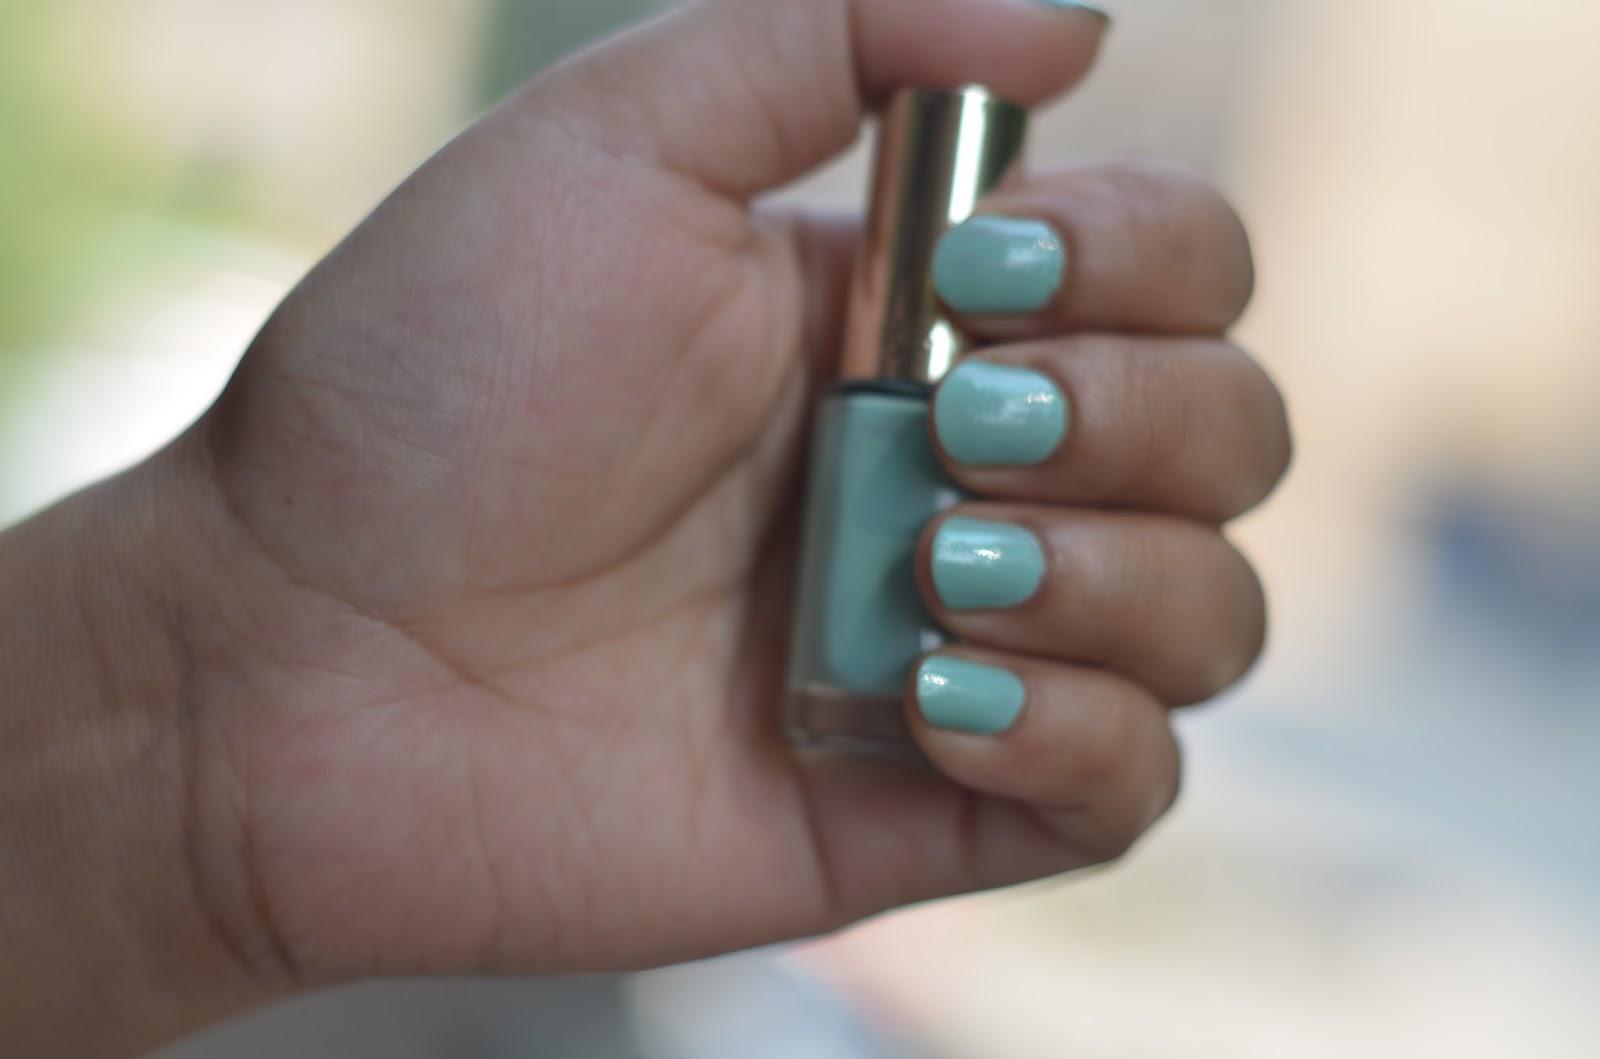 Loreal color riche Le vernis nail polish review: Perle De Jade